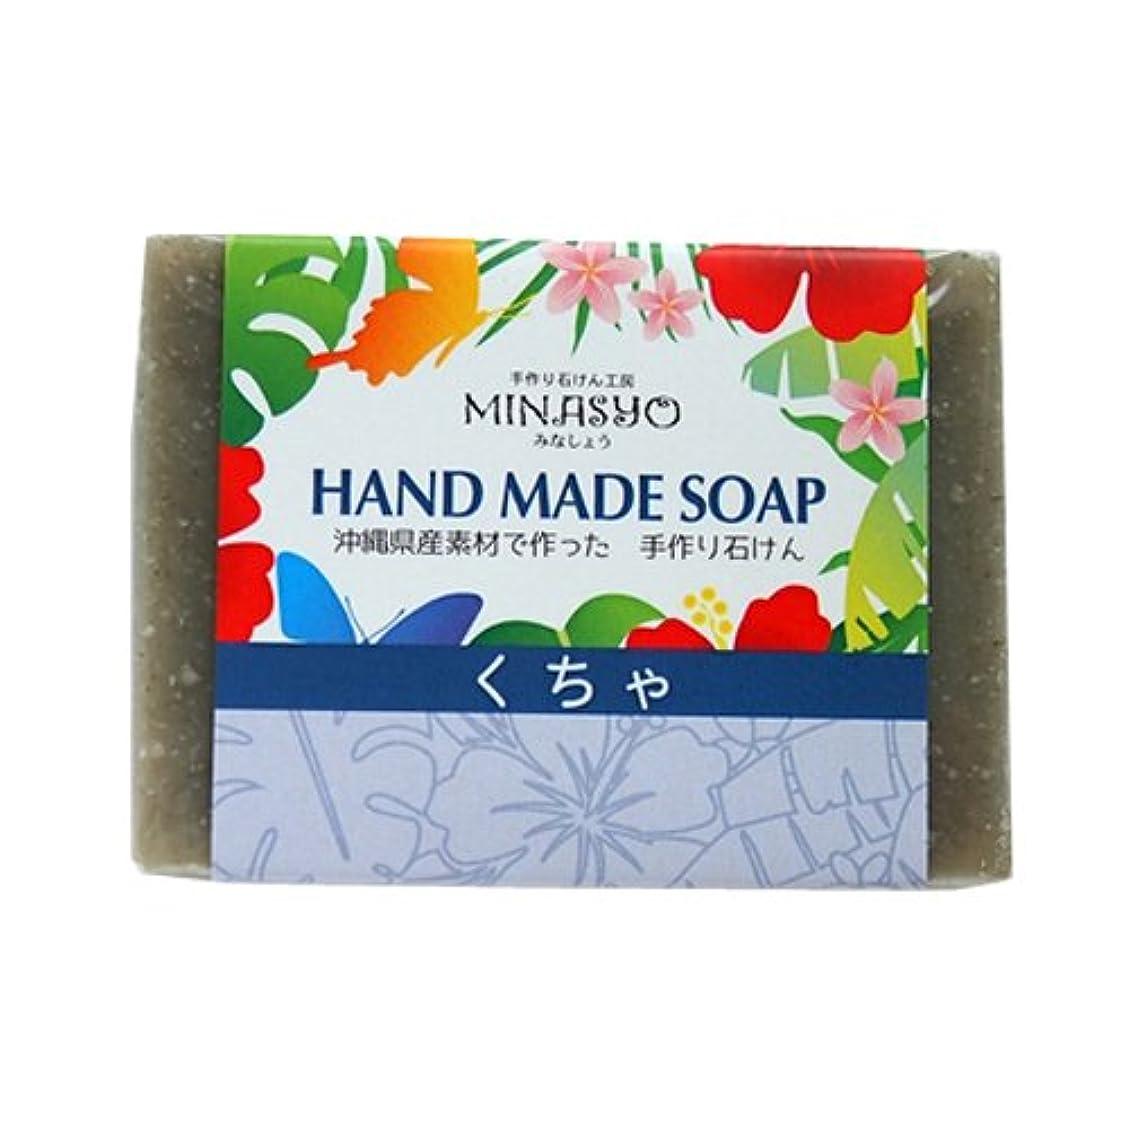 ジム毛細血管スピーチ洗顔石鹸 毛穴ケア メンズ 無添加 固形 くちゃパック 手作りくちゃ石鹸